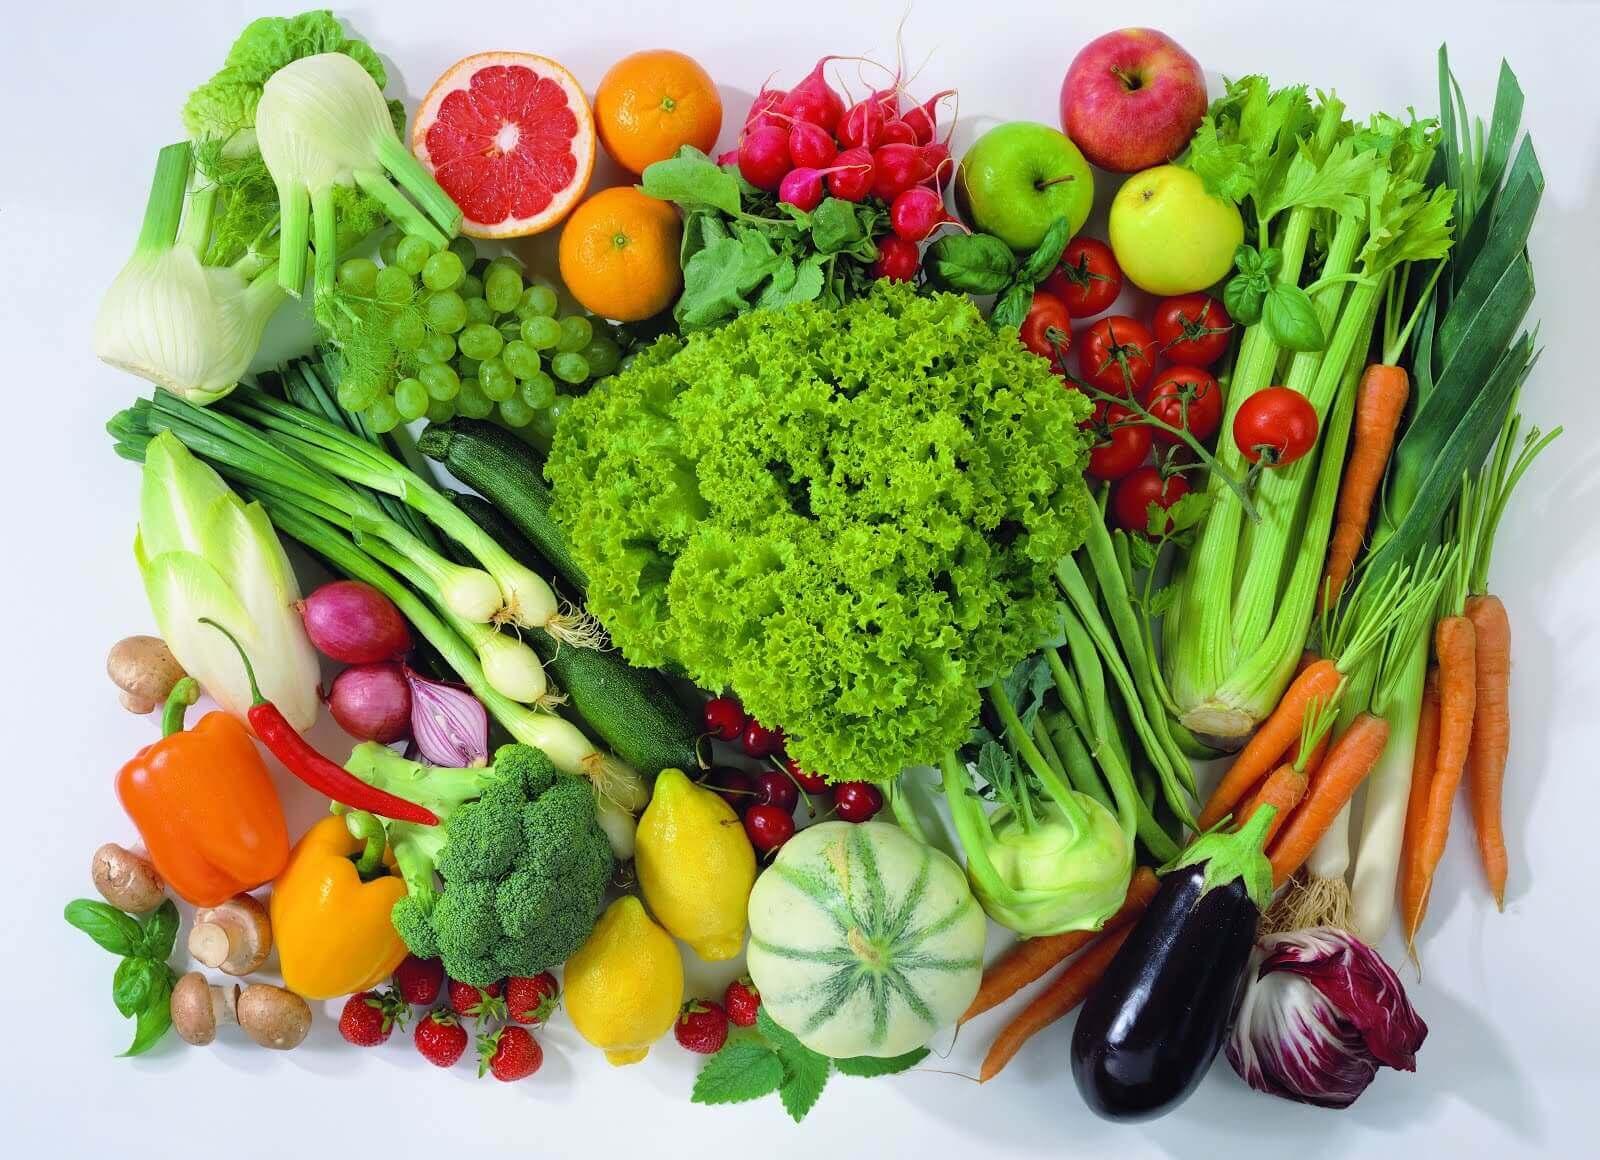 Świeże owoce i warzywa